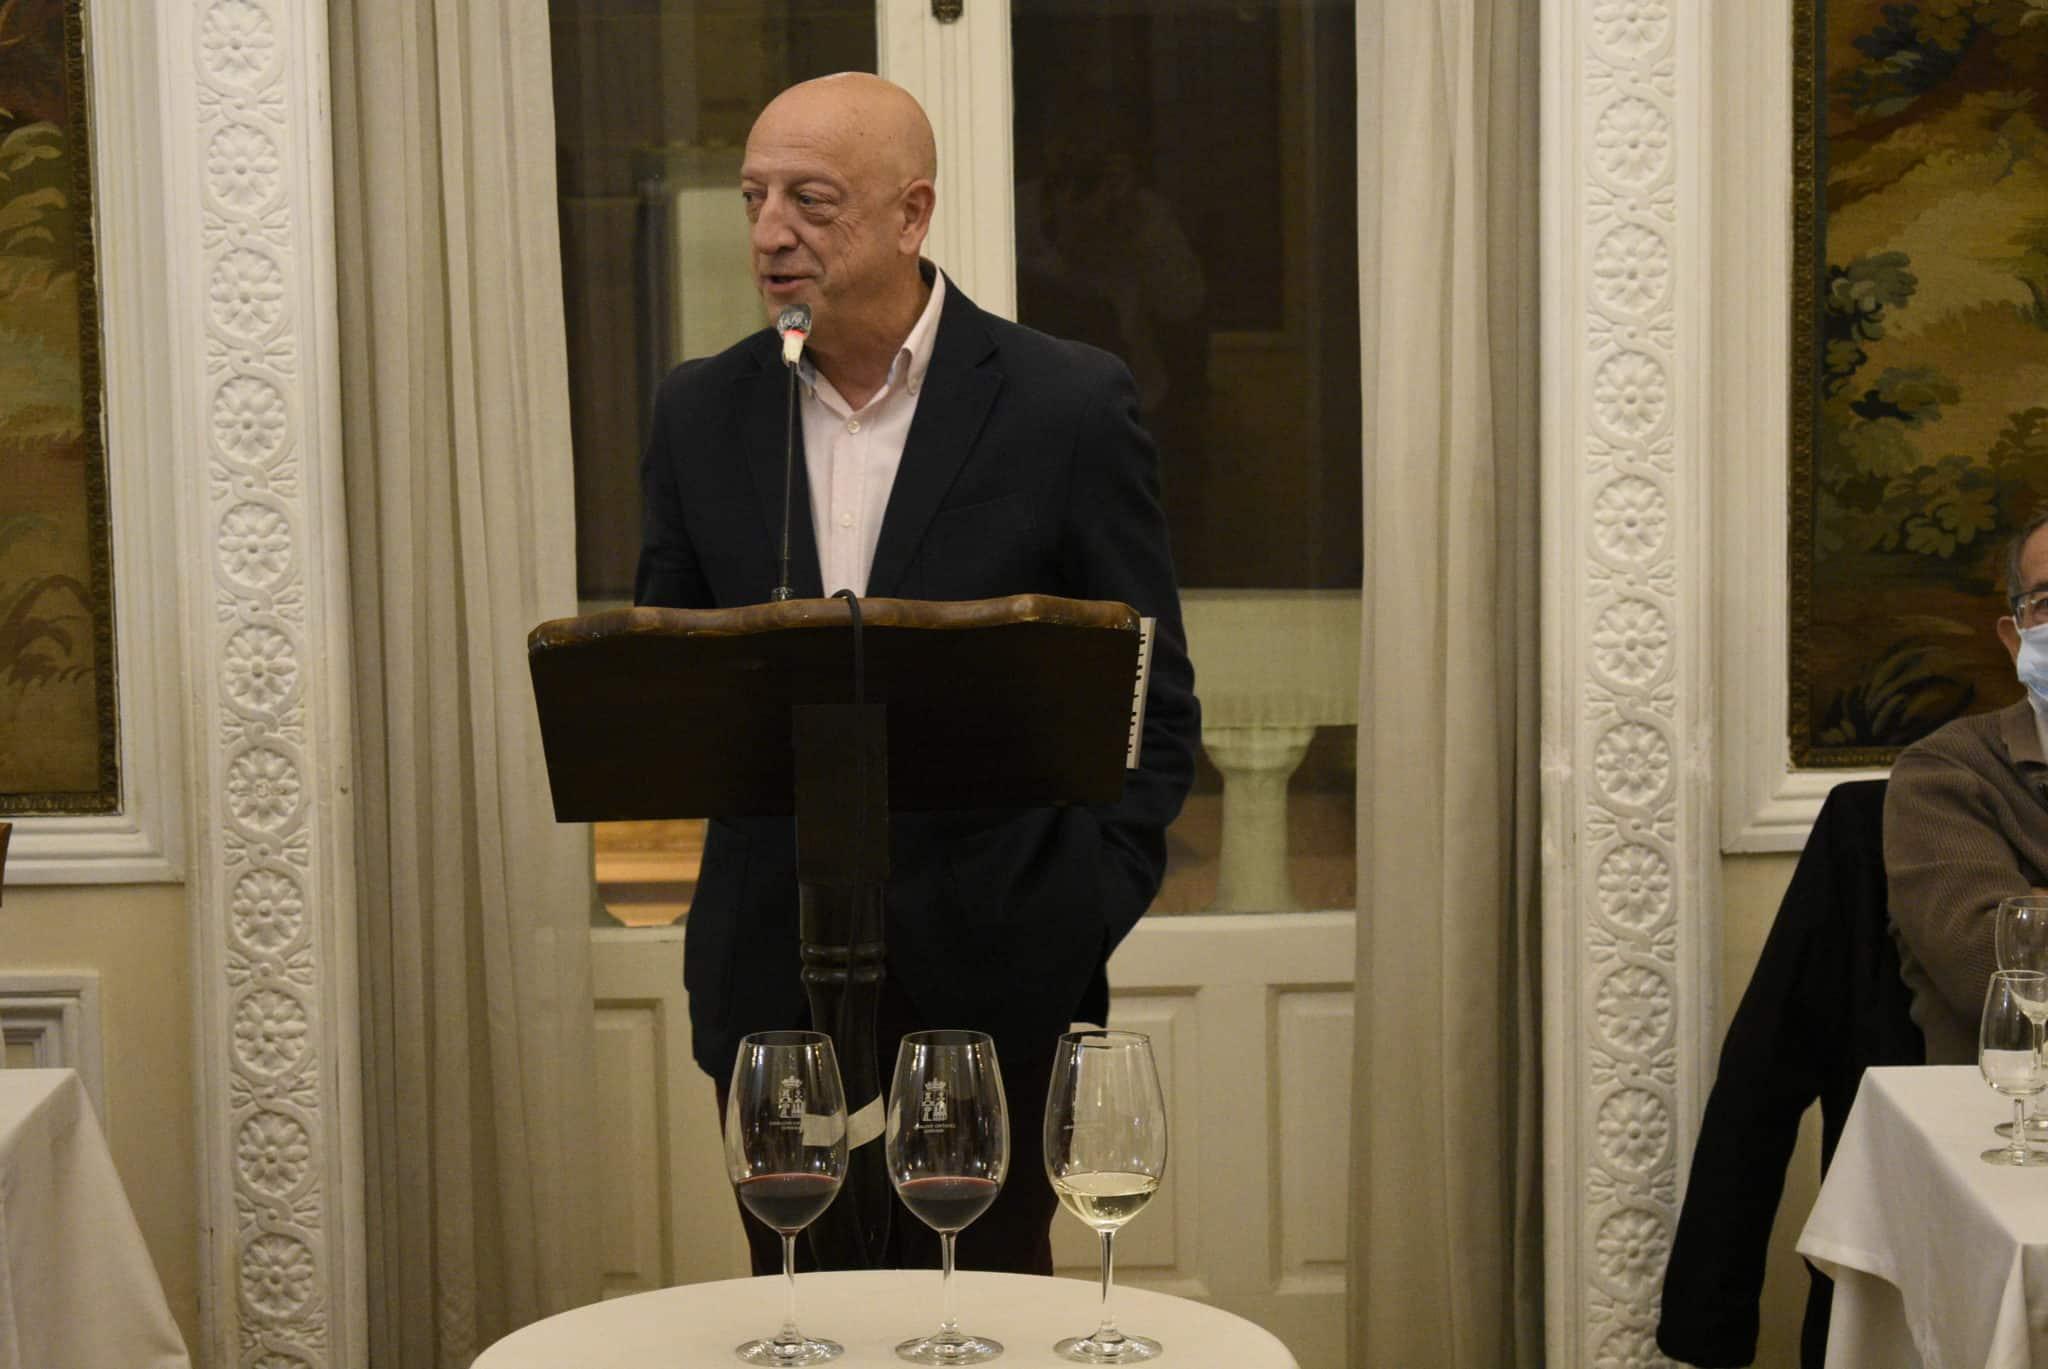 El Centro Riojano de Madrid celebra el 125 aniversario de Martínez-Lacuesta 3